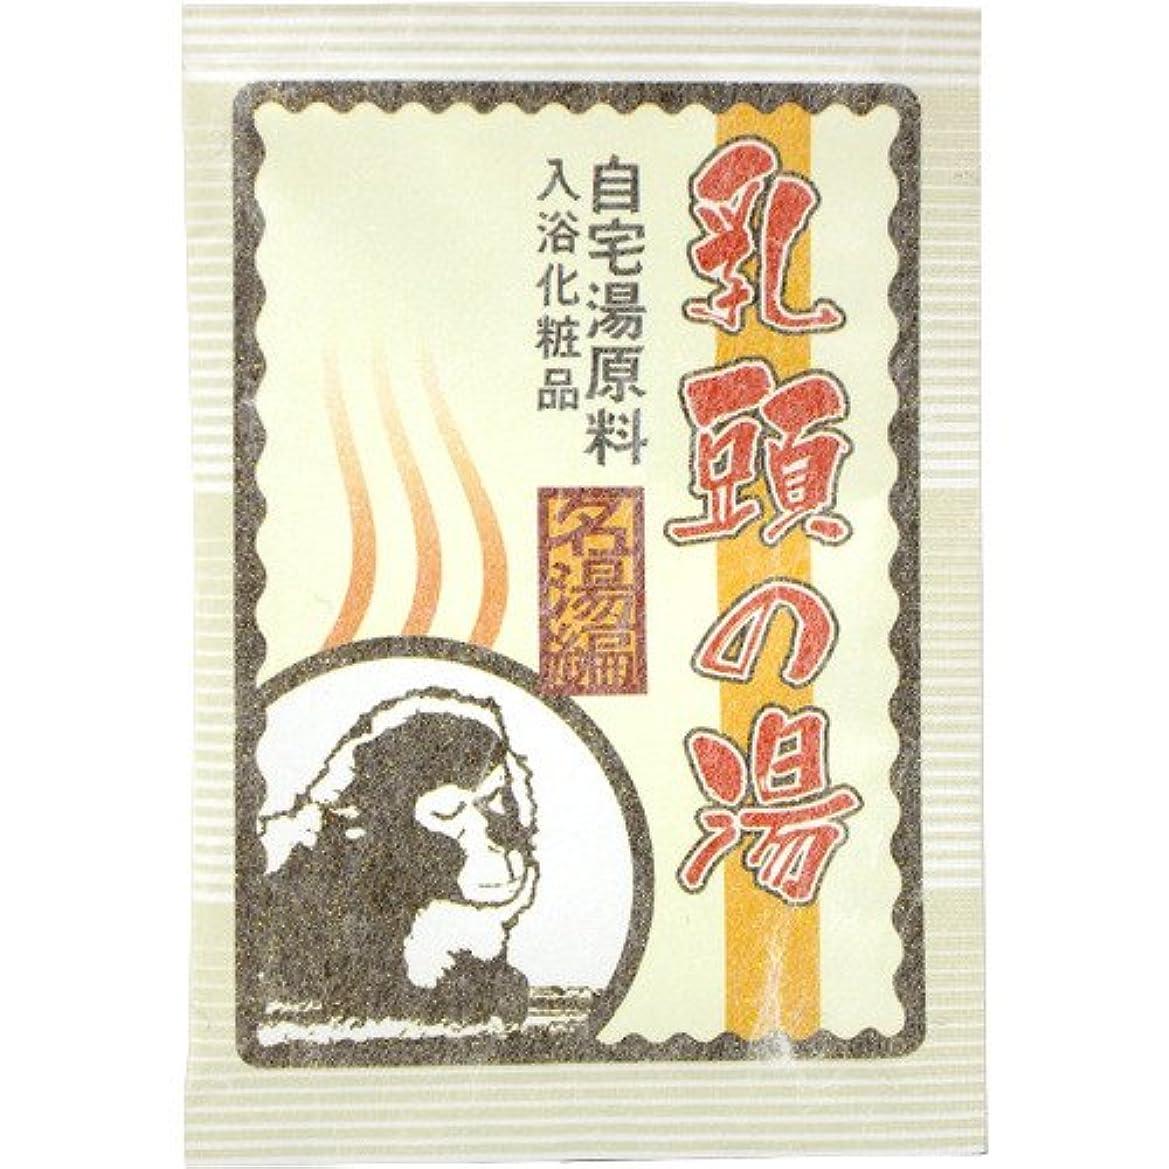 スプレー階下アーティファクト環境科学 自宅湯原料 名湯編 乳頭の湯 30g 4519445310200